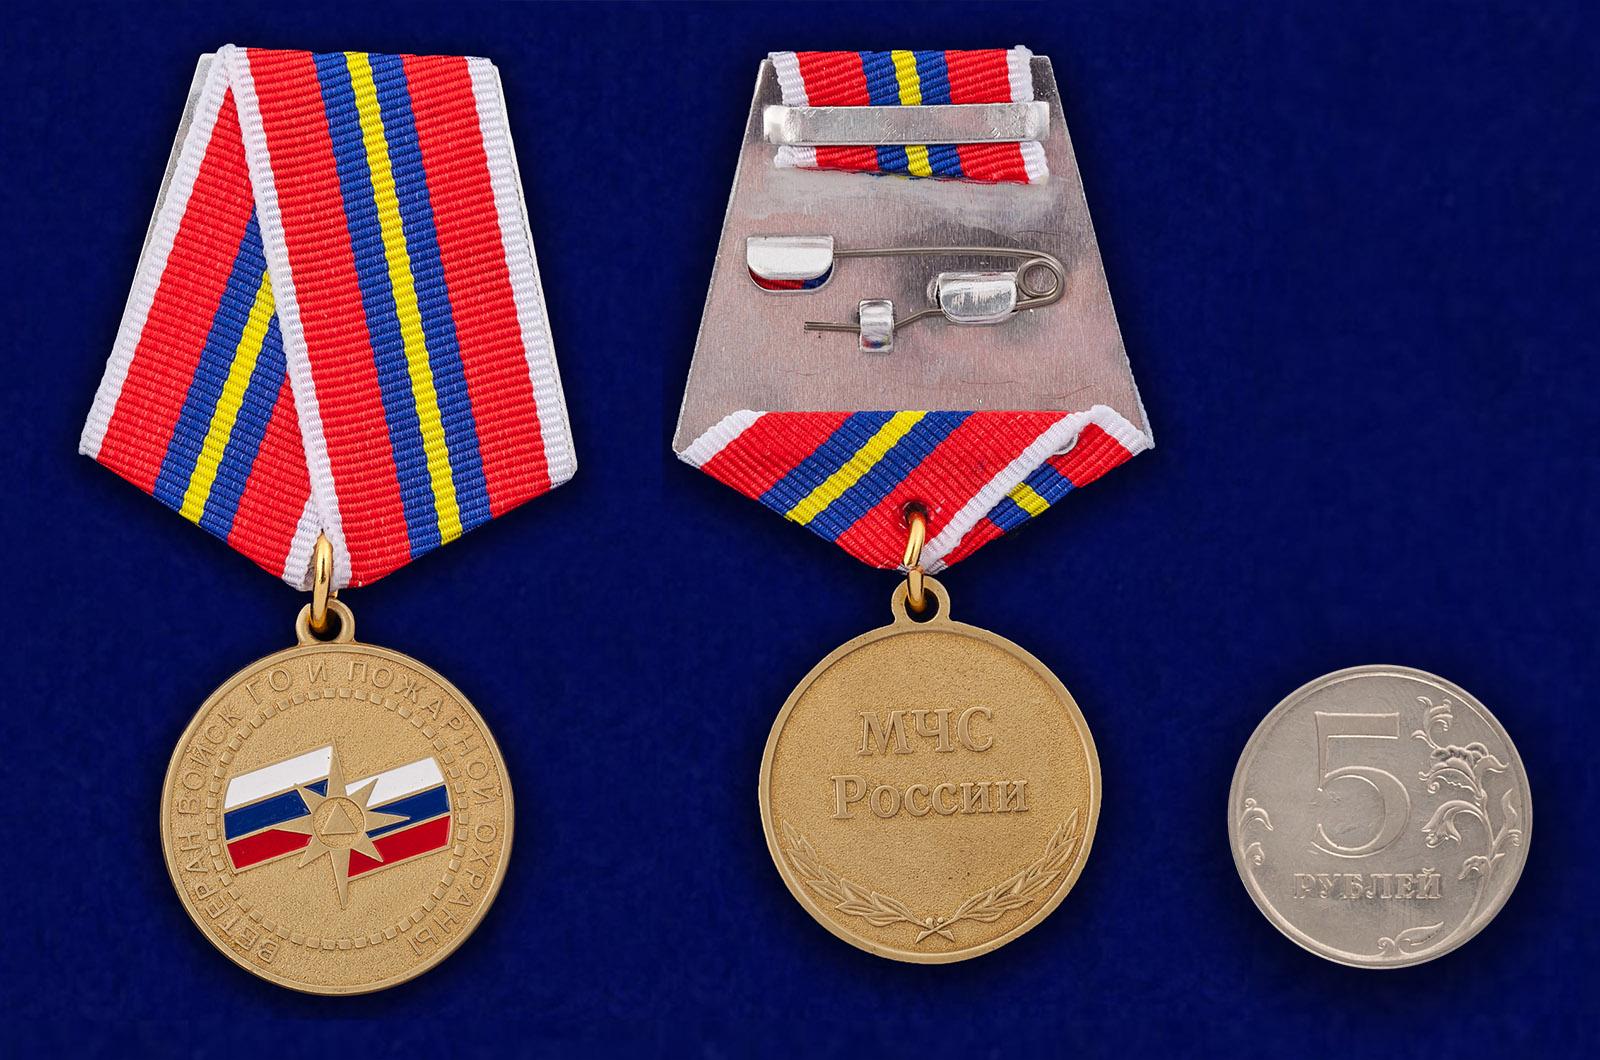 Медаль МЧС России Ветеран войск ГО и пожарной охраны - сравнительный вид